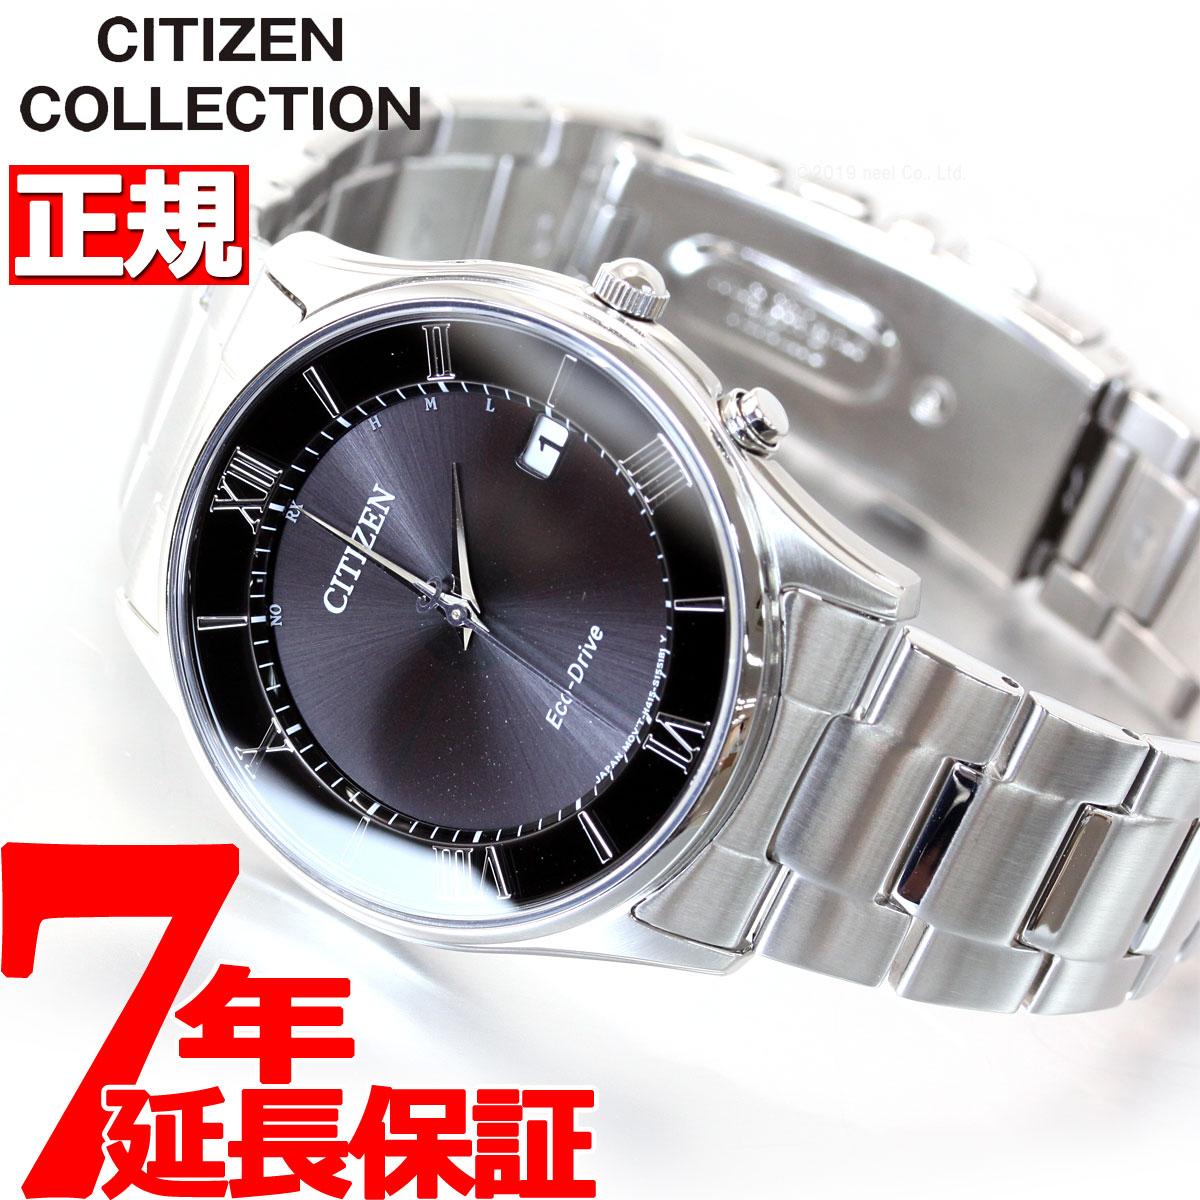 腕時計, メンズ腕時計 18105000OFF37.5182359 CITIZEN COLLECTION AS1060-54E